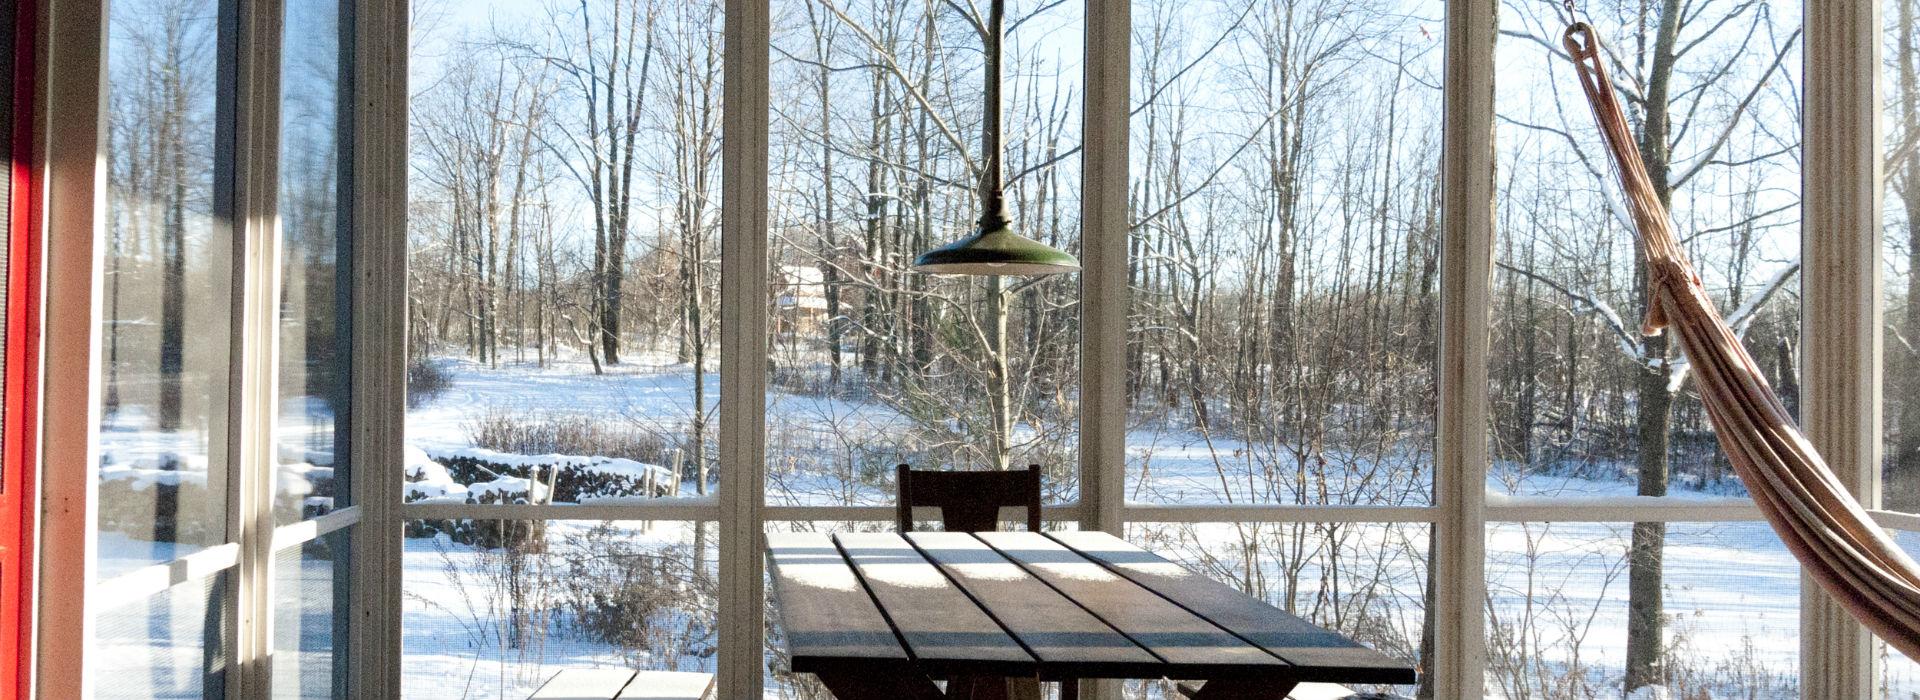 Galerie de maisons maison champêtre